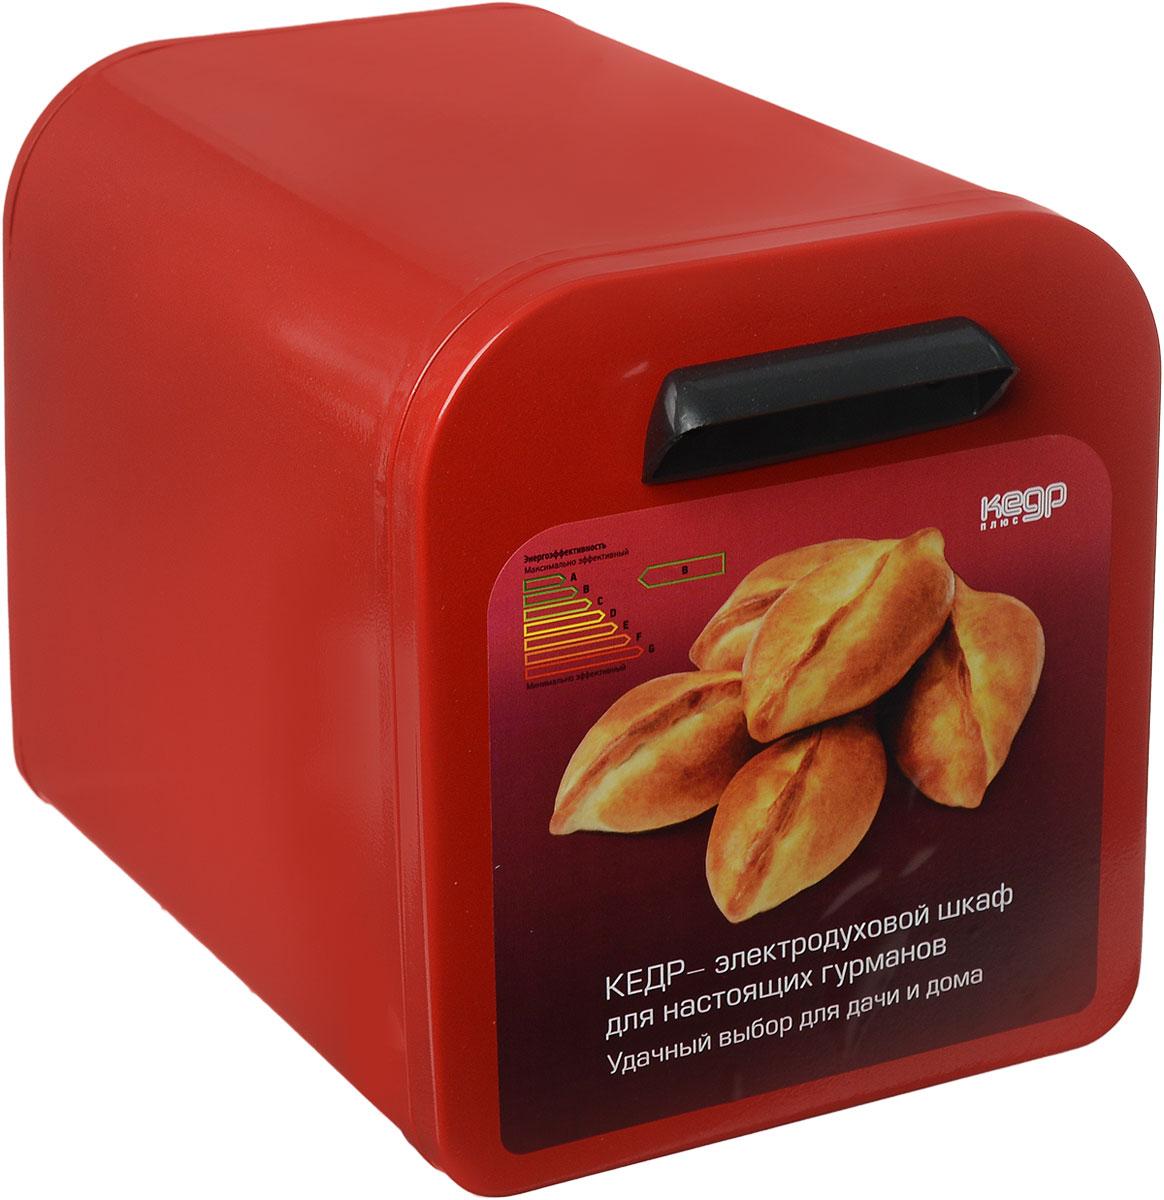 Кедр ШЖ-0,625/220, Red жарочный шкафШЖ-0,625/220 RЖарочный шкаф Кедр предназначен для выпечки в домашних условиях различных изделий из теста, а также для запекания картофеля и приготовления блюд из мяса, птицы, рыбы. Такжев нем можно сушить ягоды, грибы и фрукты. Идеален для использования дома, на даче или в гараже.Этот жарочный шкаф отличается низким энергопотреблением — всего 0,625 кВт, что обеспечивает значительную экономию электроэнергии по сравнению с микроволновой печью и бесперебойную работу в условиях нестабильного электроснабжения в сельскойместности, имеет большой срок службы — до 20-ти лет. Но, пожалуй, главная его особенность и уникальность заключается в том, что он создает эффект русской печи. Так происходит, потому что тепло по всему периметру жарочного шкафа распределяется равномерно и как бы окутывает блюдо со всех сторон. В процессе приготовления еды не задействованы микроволны, о вреде которых идет так много споров. А, значит, жарочный шкаф Кедр составит хорошую альтернативу микроволновке.Высокие вкусовые качества приготовленных блюдУвеличенный срок службы (до 20 лет)Гарантийный срок - 24 месяцаНизкое энергопотреблениеОтсутствие микроволнЛегкость и простота эксплуатацииВремя разогрева до температуры 250°С - не более 20 минутВнутренние размеры: 315 x 205 x 205 ммМатериал корпуса: металл.